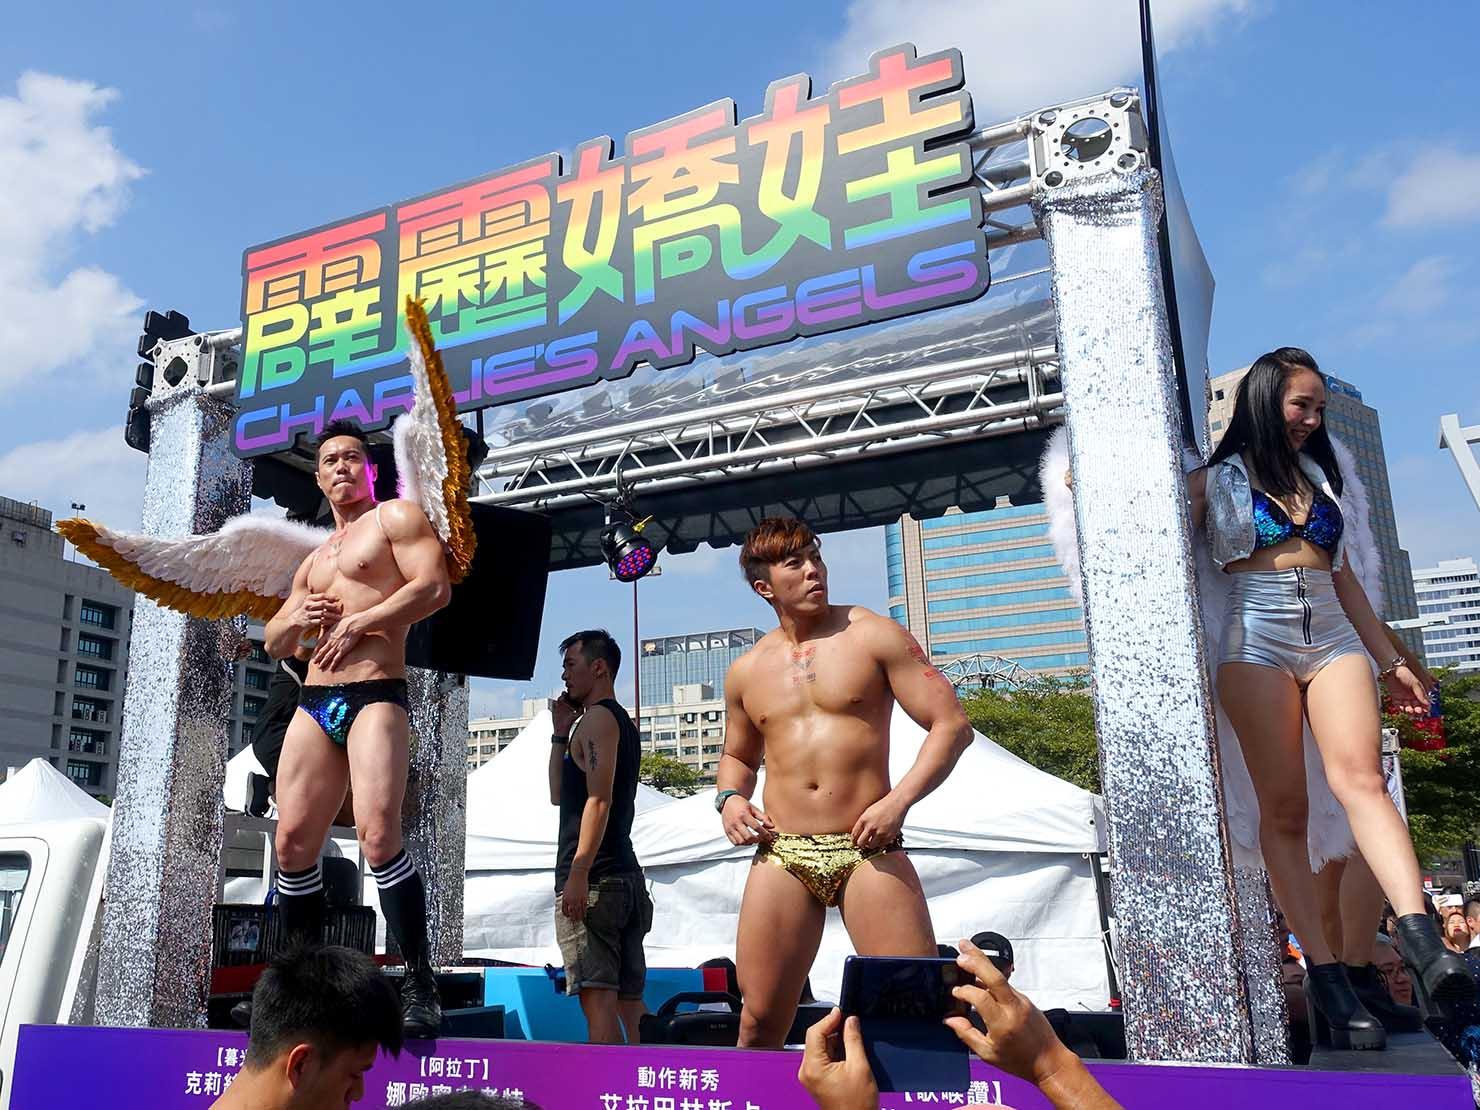 台灣同志遊行(台湾LGBTプライド)2019の会場でパフォーマンスをするイケメンお兄さん